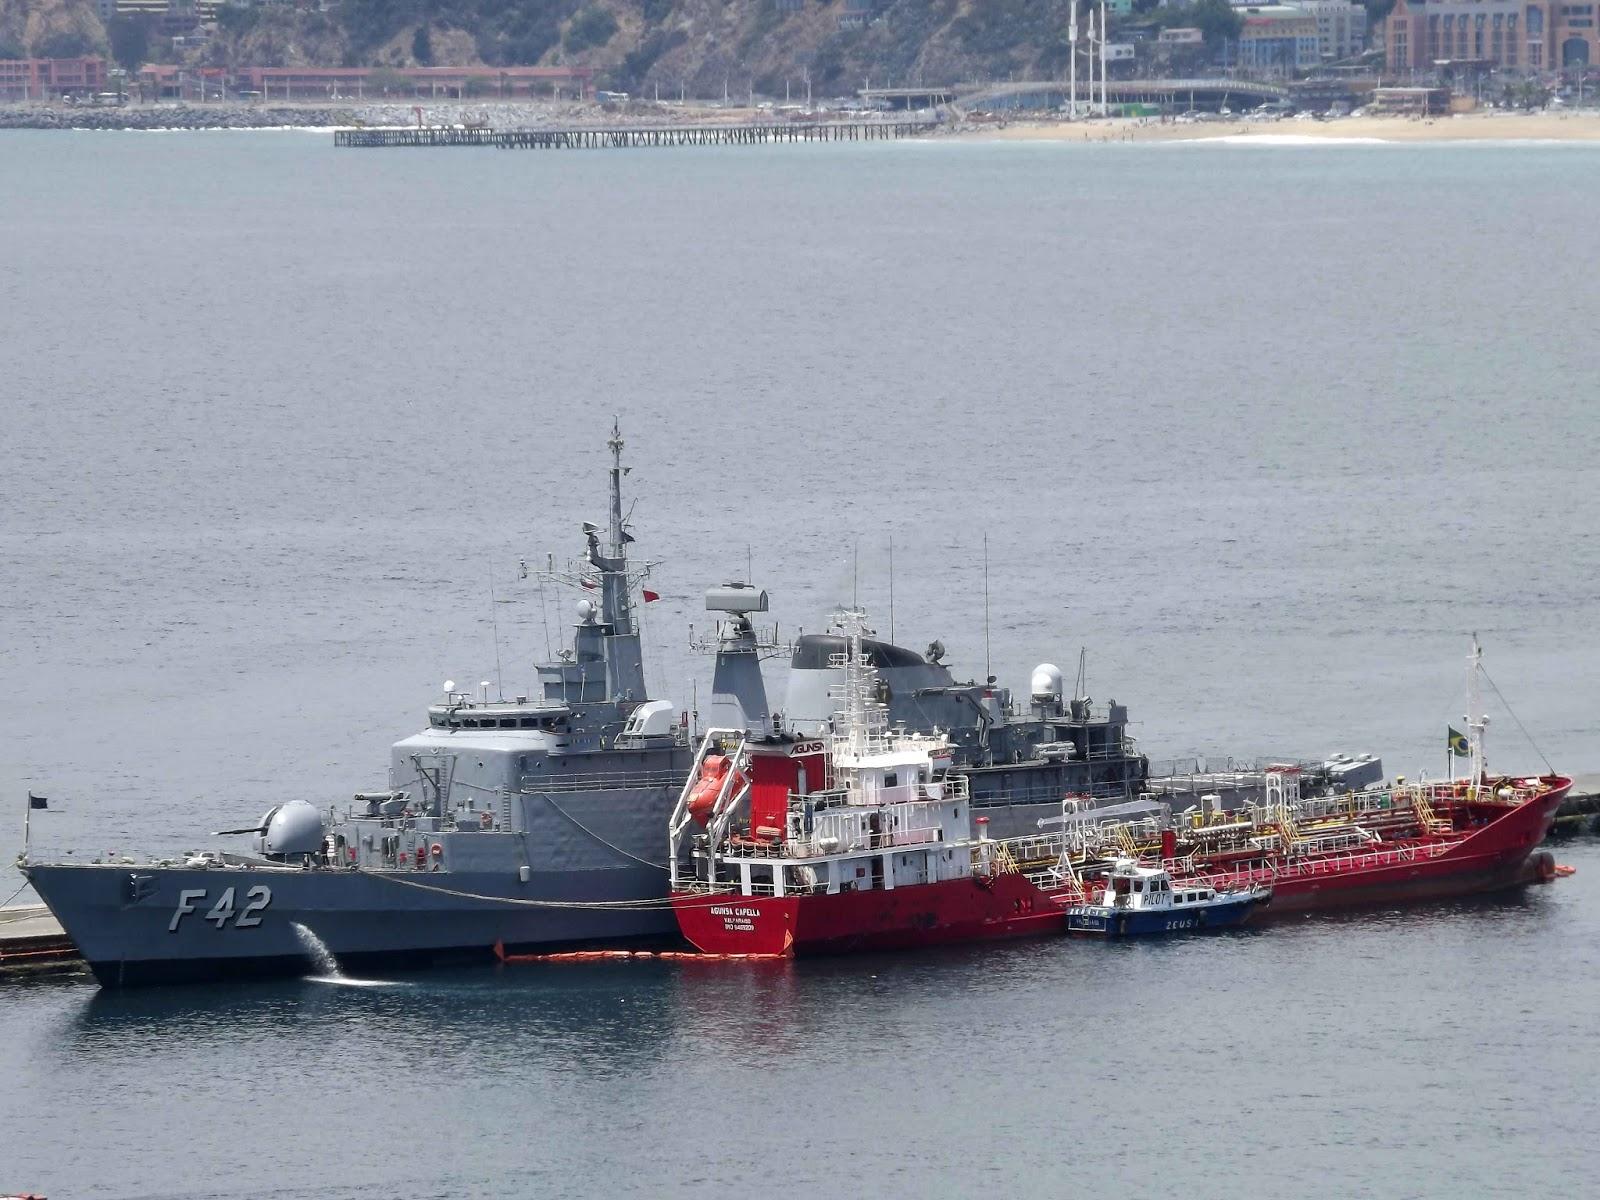 GALERIA: No Chile para a Exponaval 2016, fragata brasileira opera com diferentes meios da Armada local